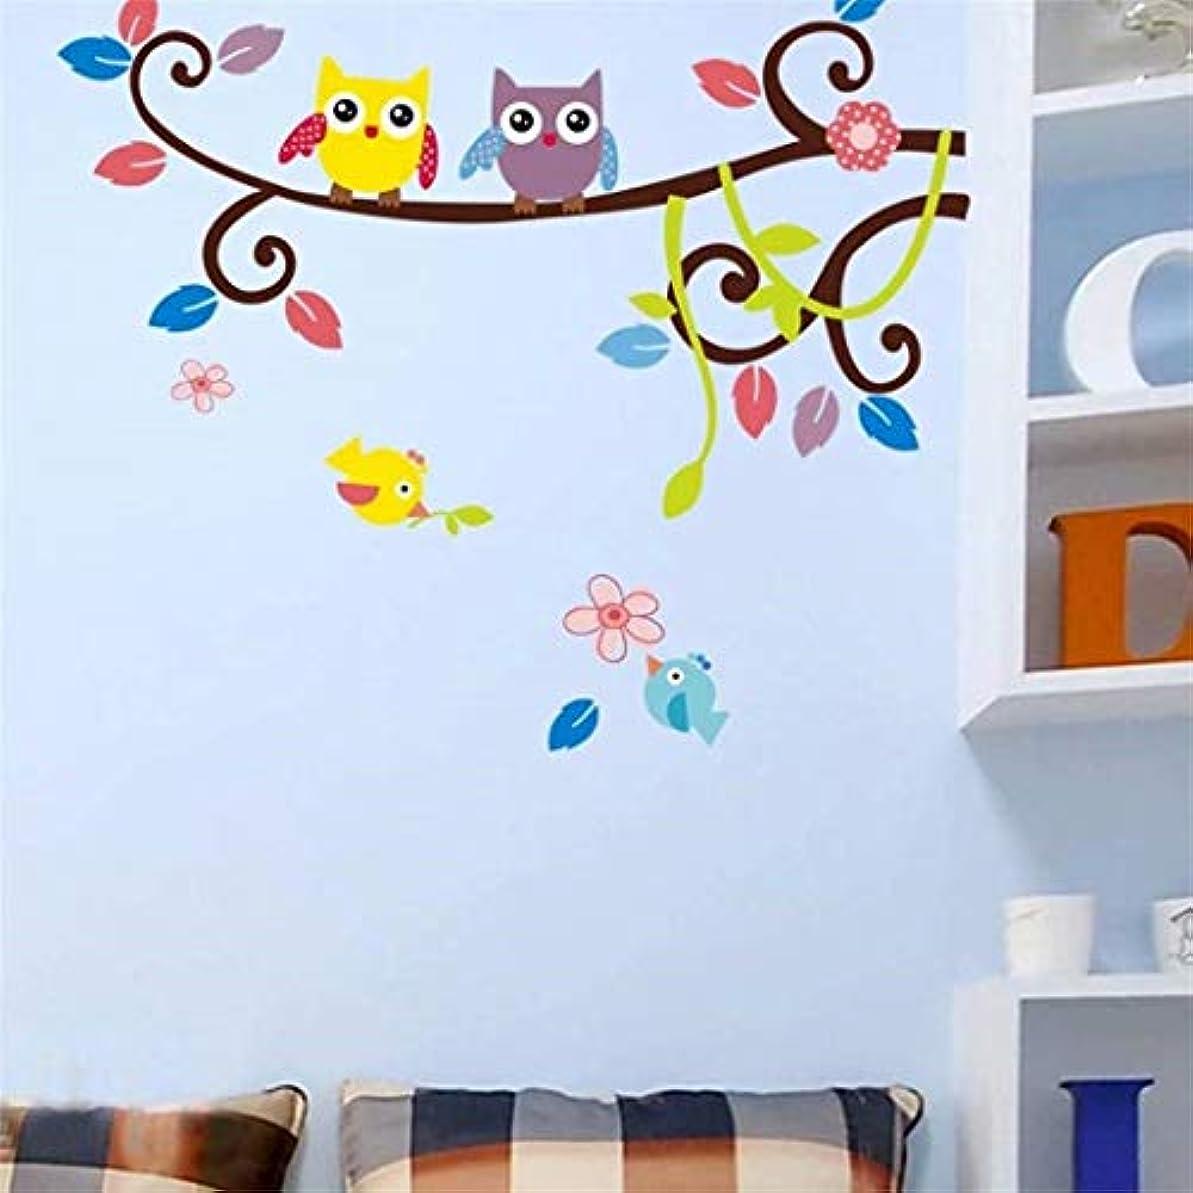 めんどりプレゼンテーション師匠七里の香 木の漫画の子供の部屋壁飾りウォールステッカー壁の壁画上フクロウ